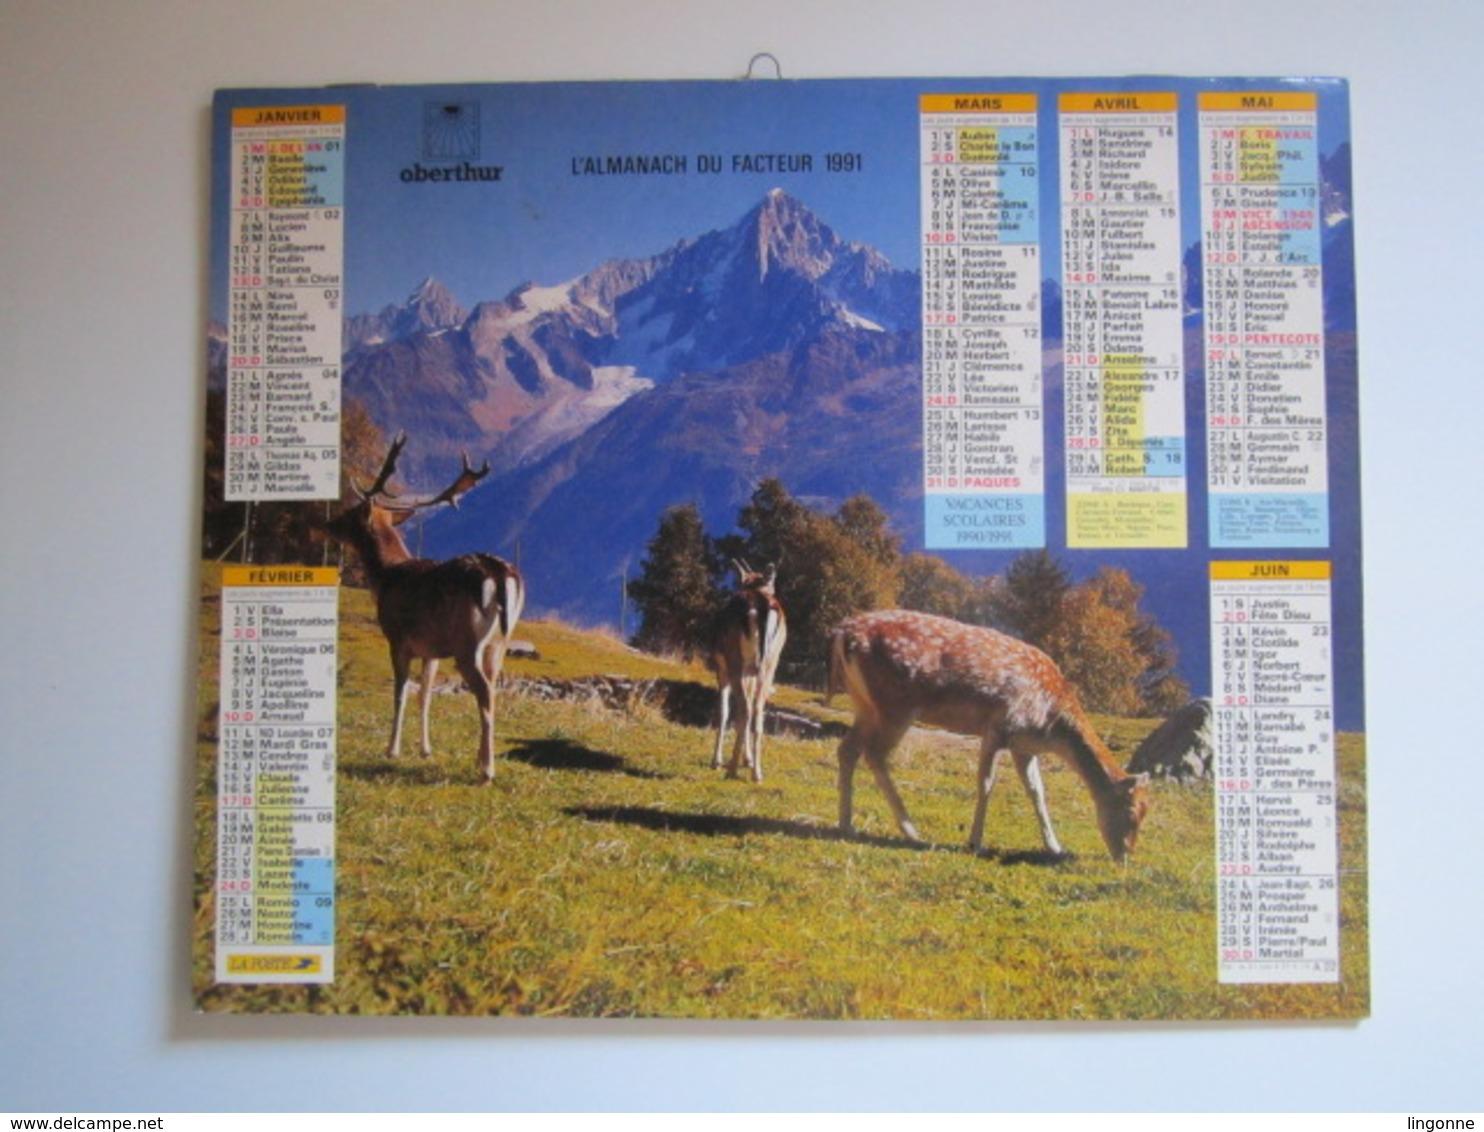 1991 ALMANACH DU FACTEUR Calendrier Des Postes HAUTE-MARNE 52 - Grand Format : 1991-00